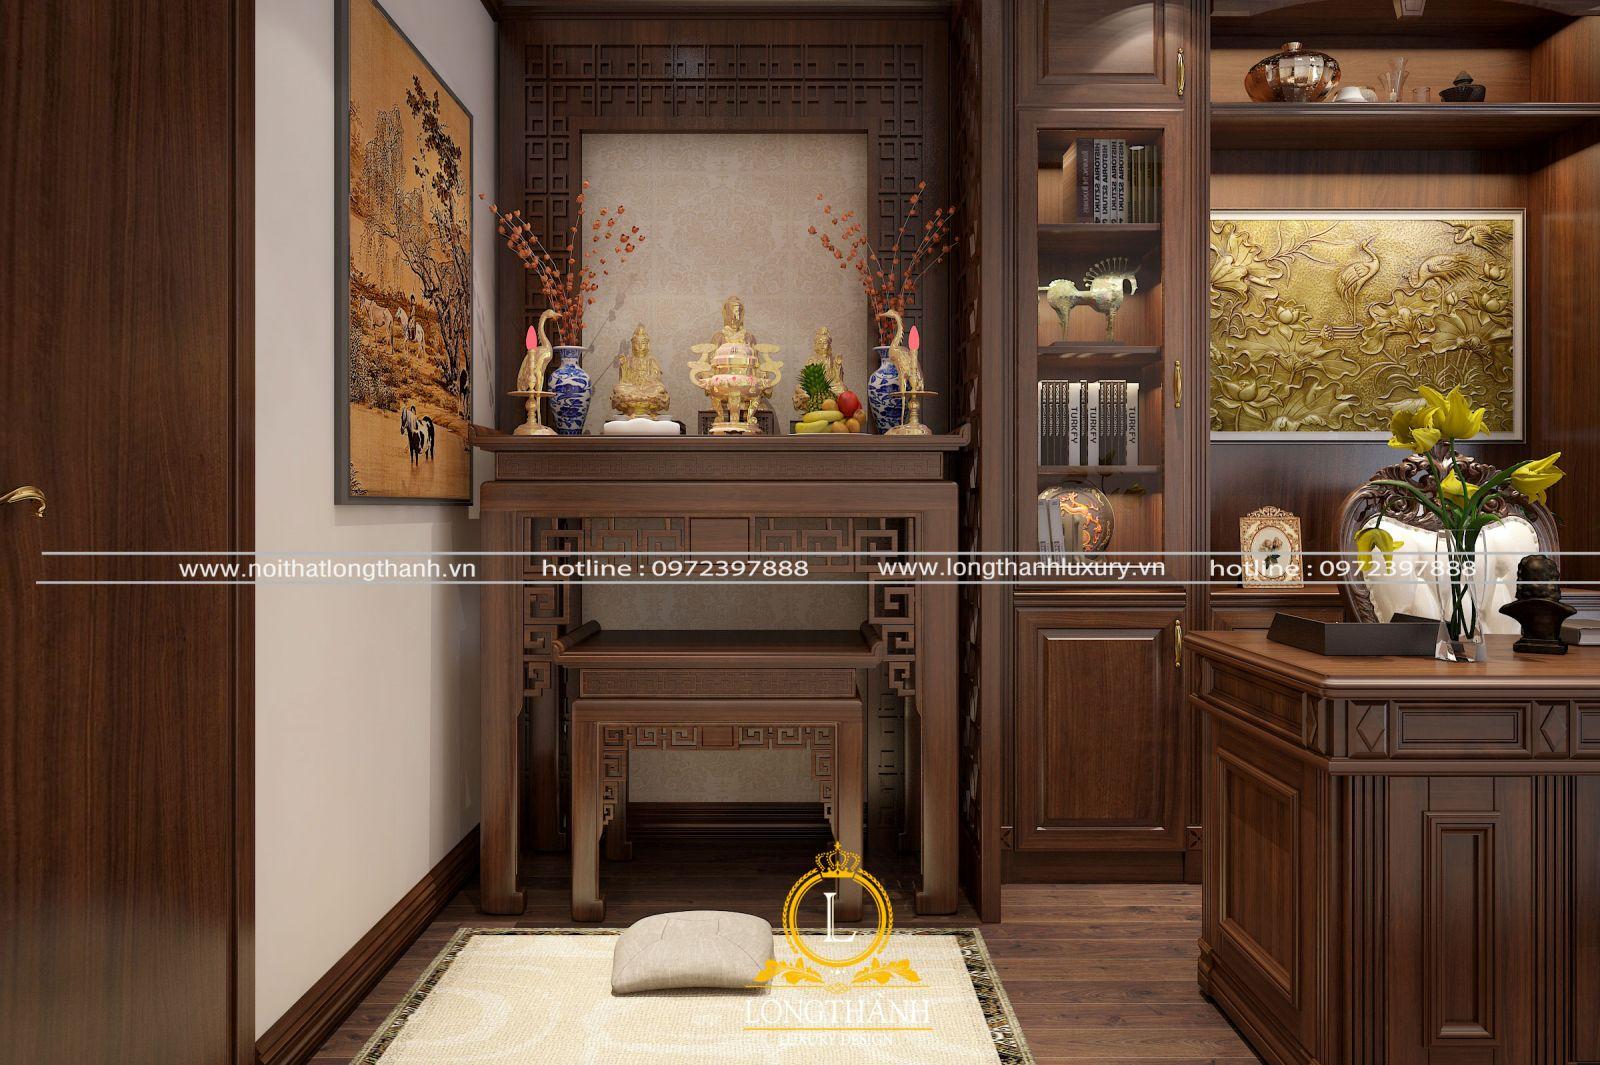 Một số lưu ý khi thiết kế và trang trí bàn thờ cho nhà chung cư